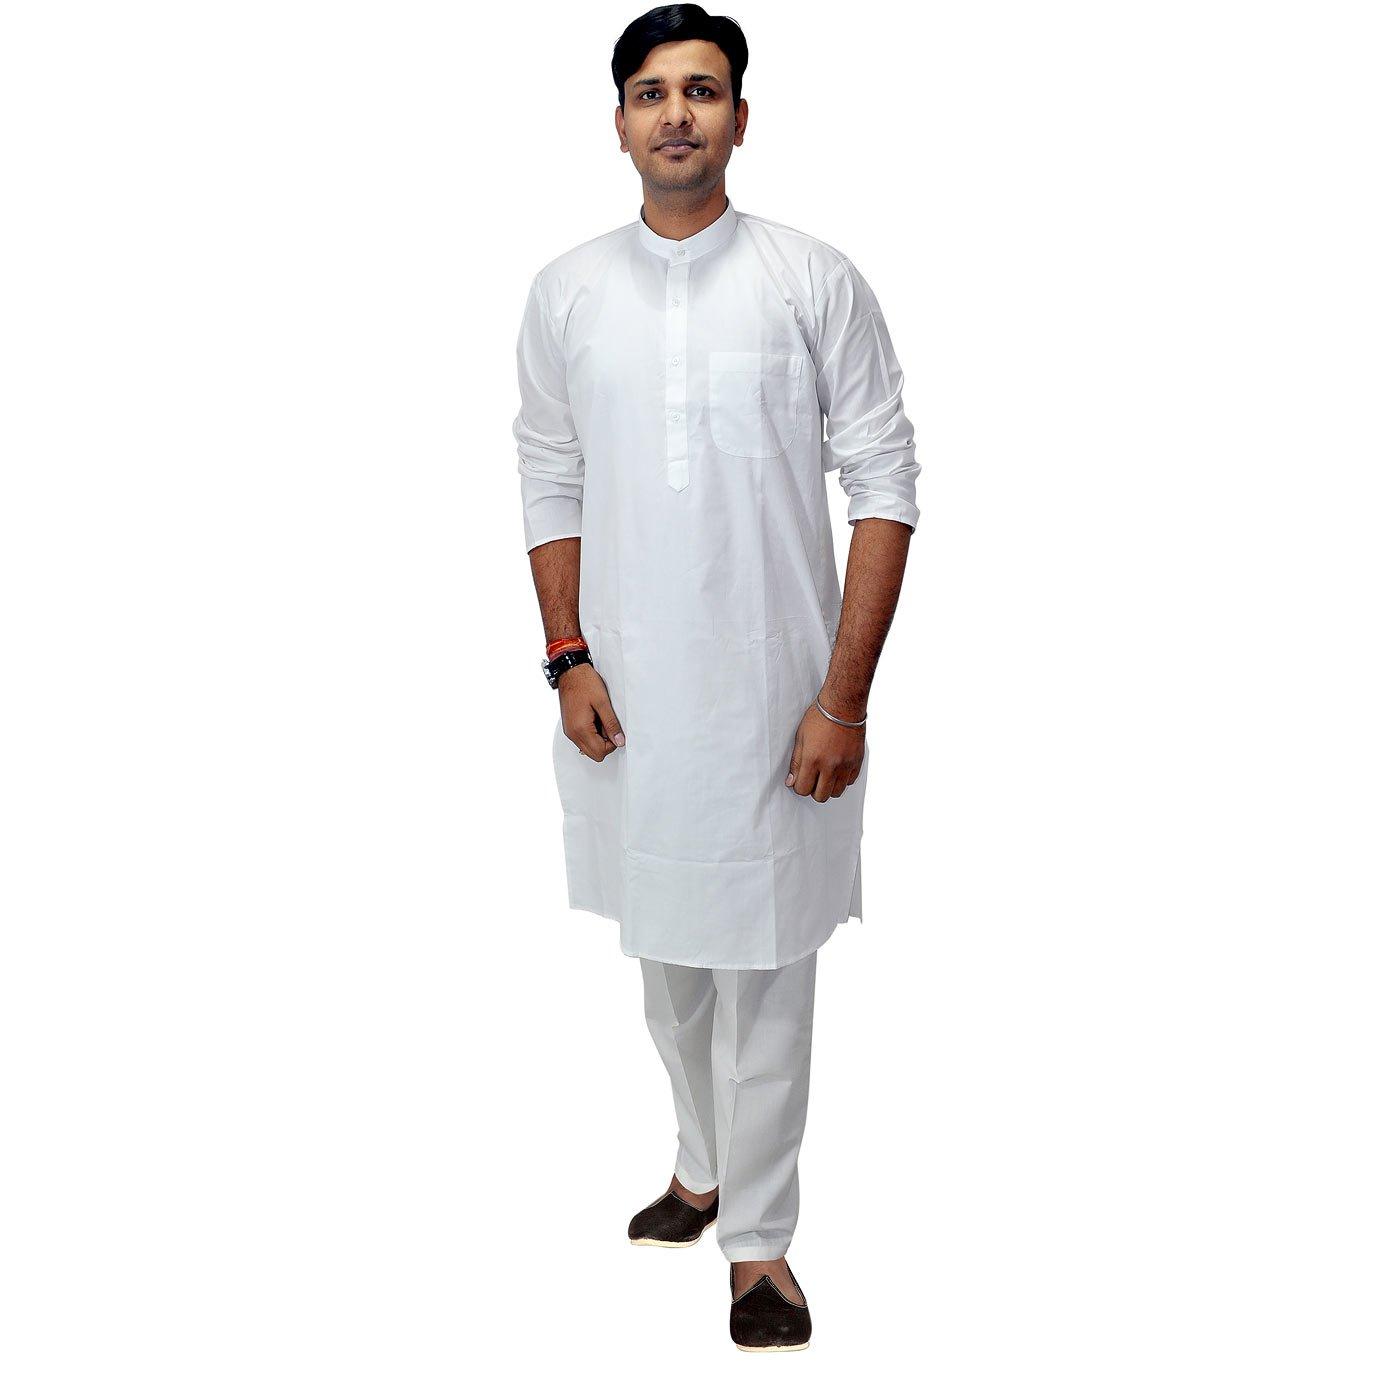 Dungri India Craft Mens Indian Clothing White Cotton Kurta Pajama Ethnic India Wear-Large